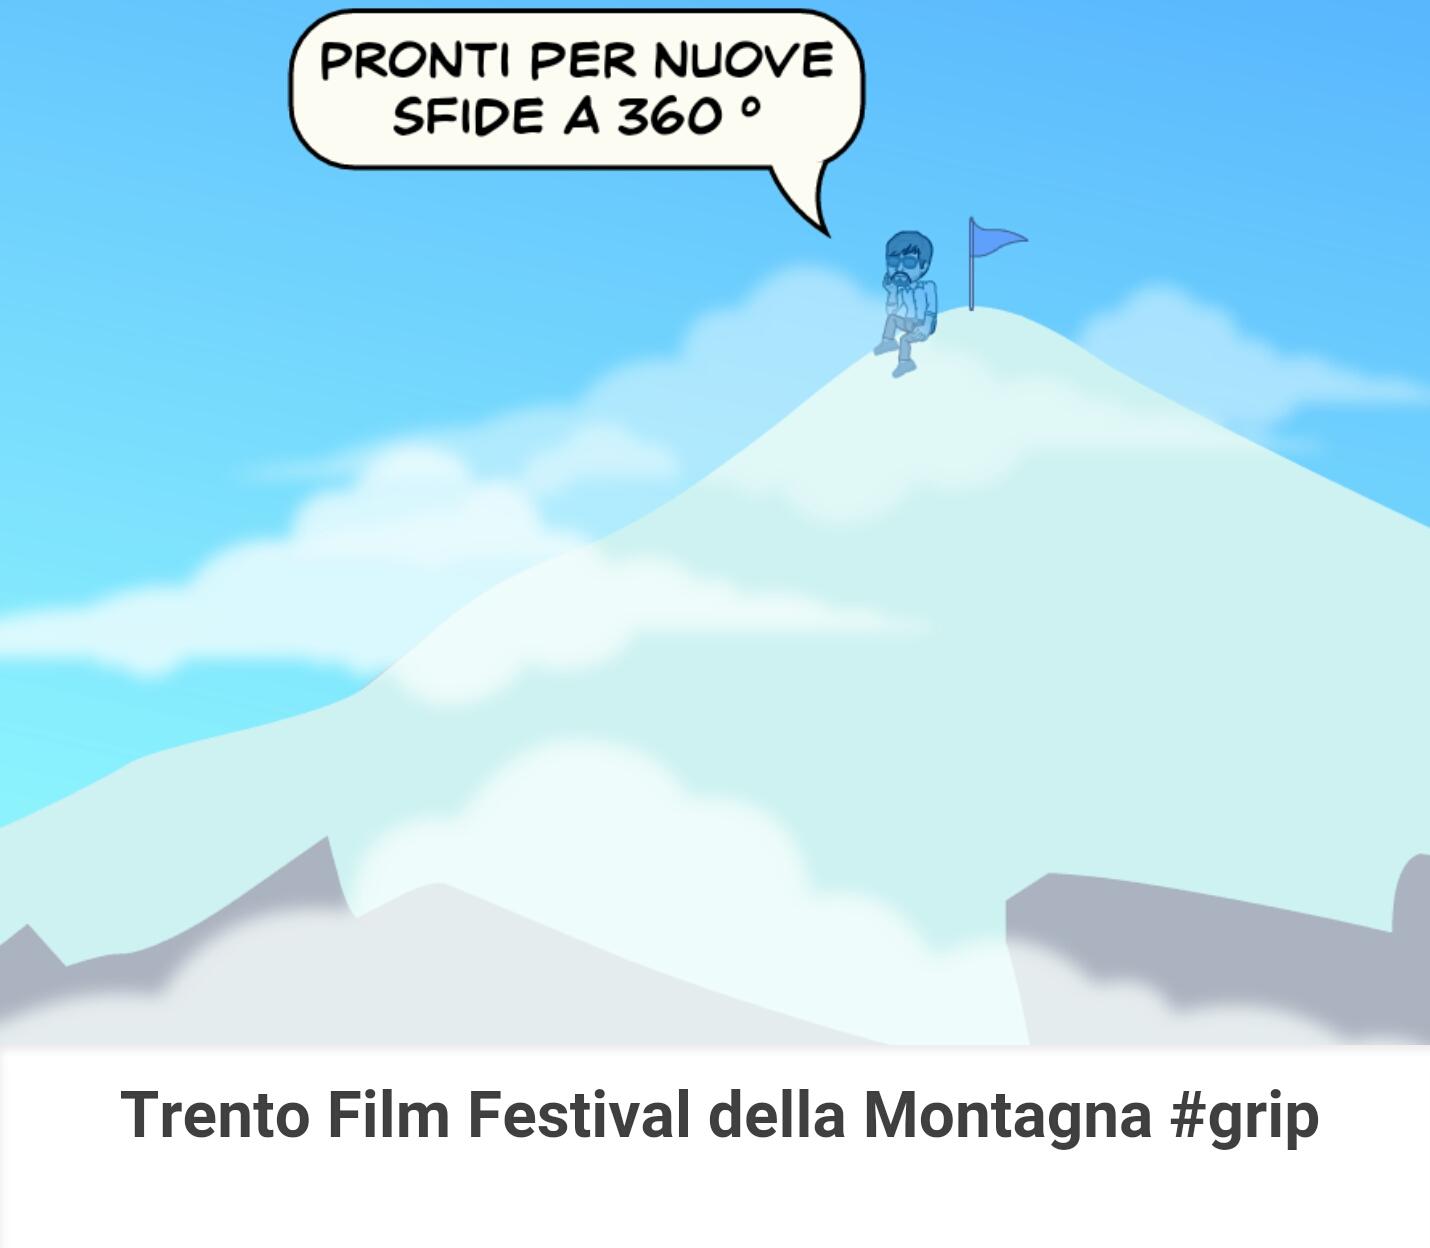 pegmantour - comics - trento film festival - pronti per nuove sfide